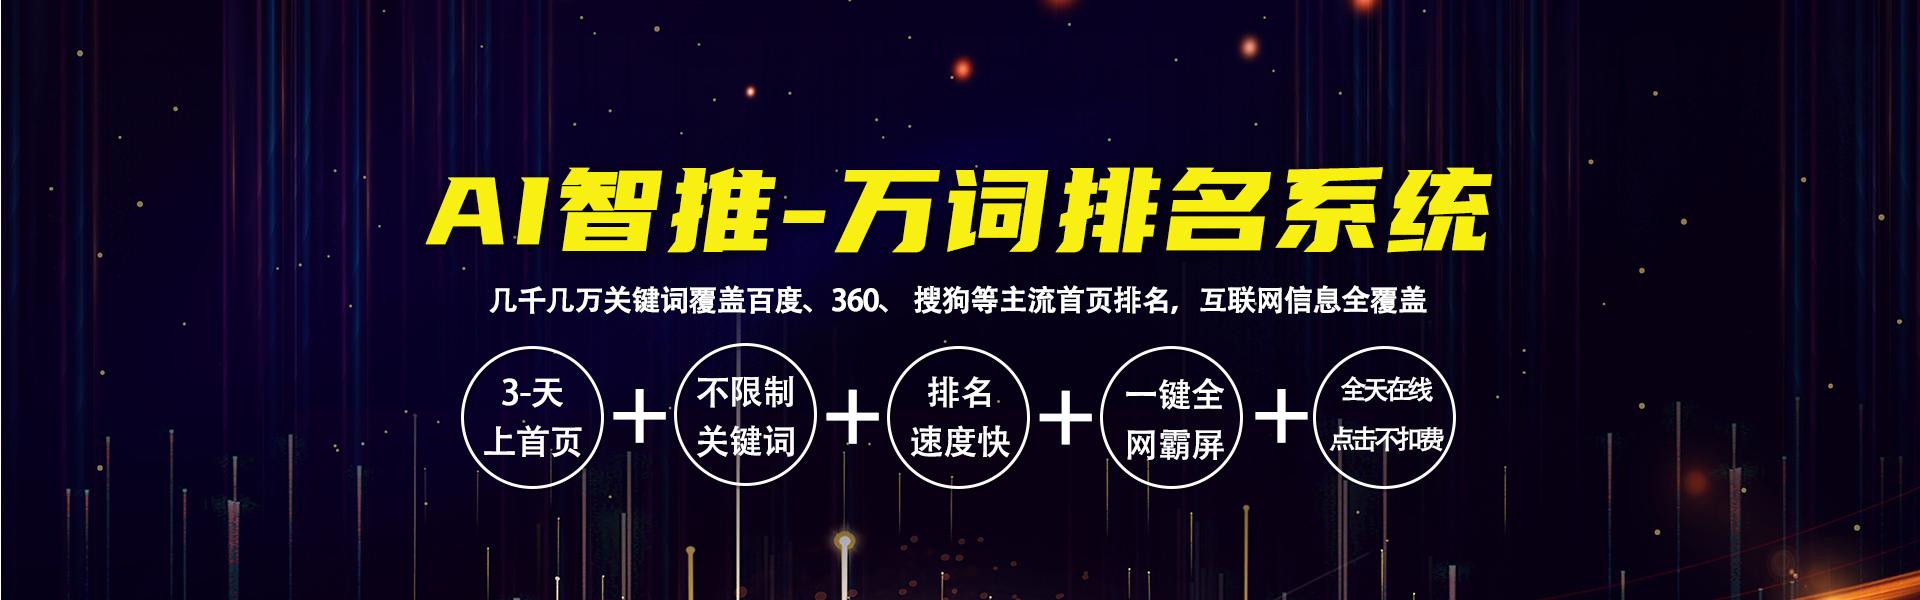 云南全网推广